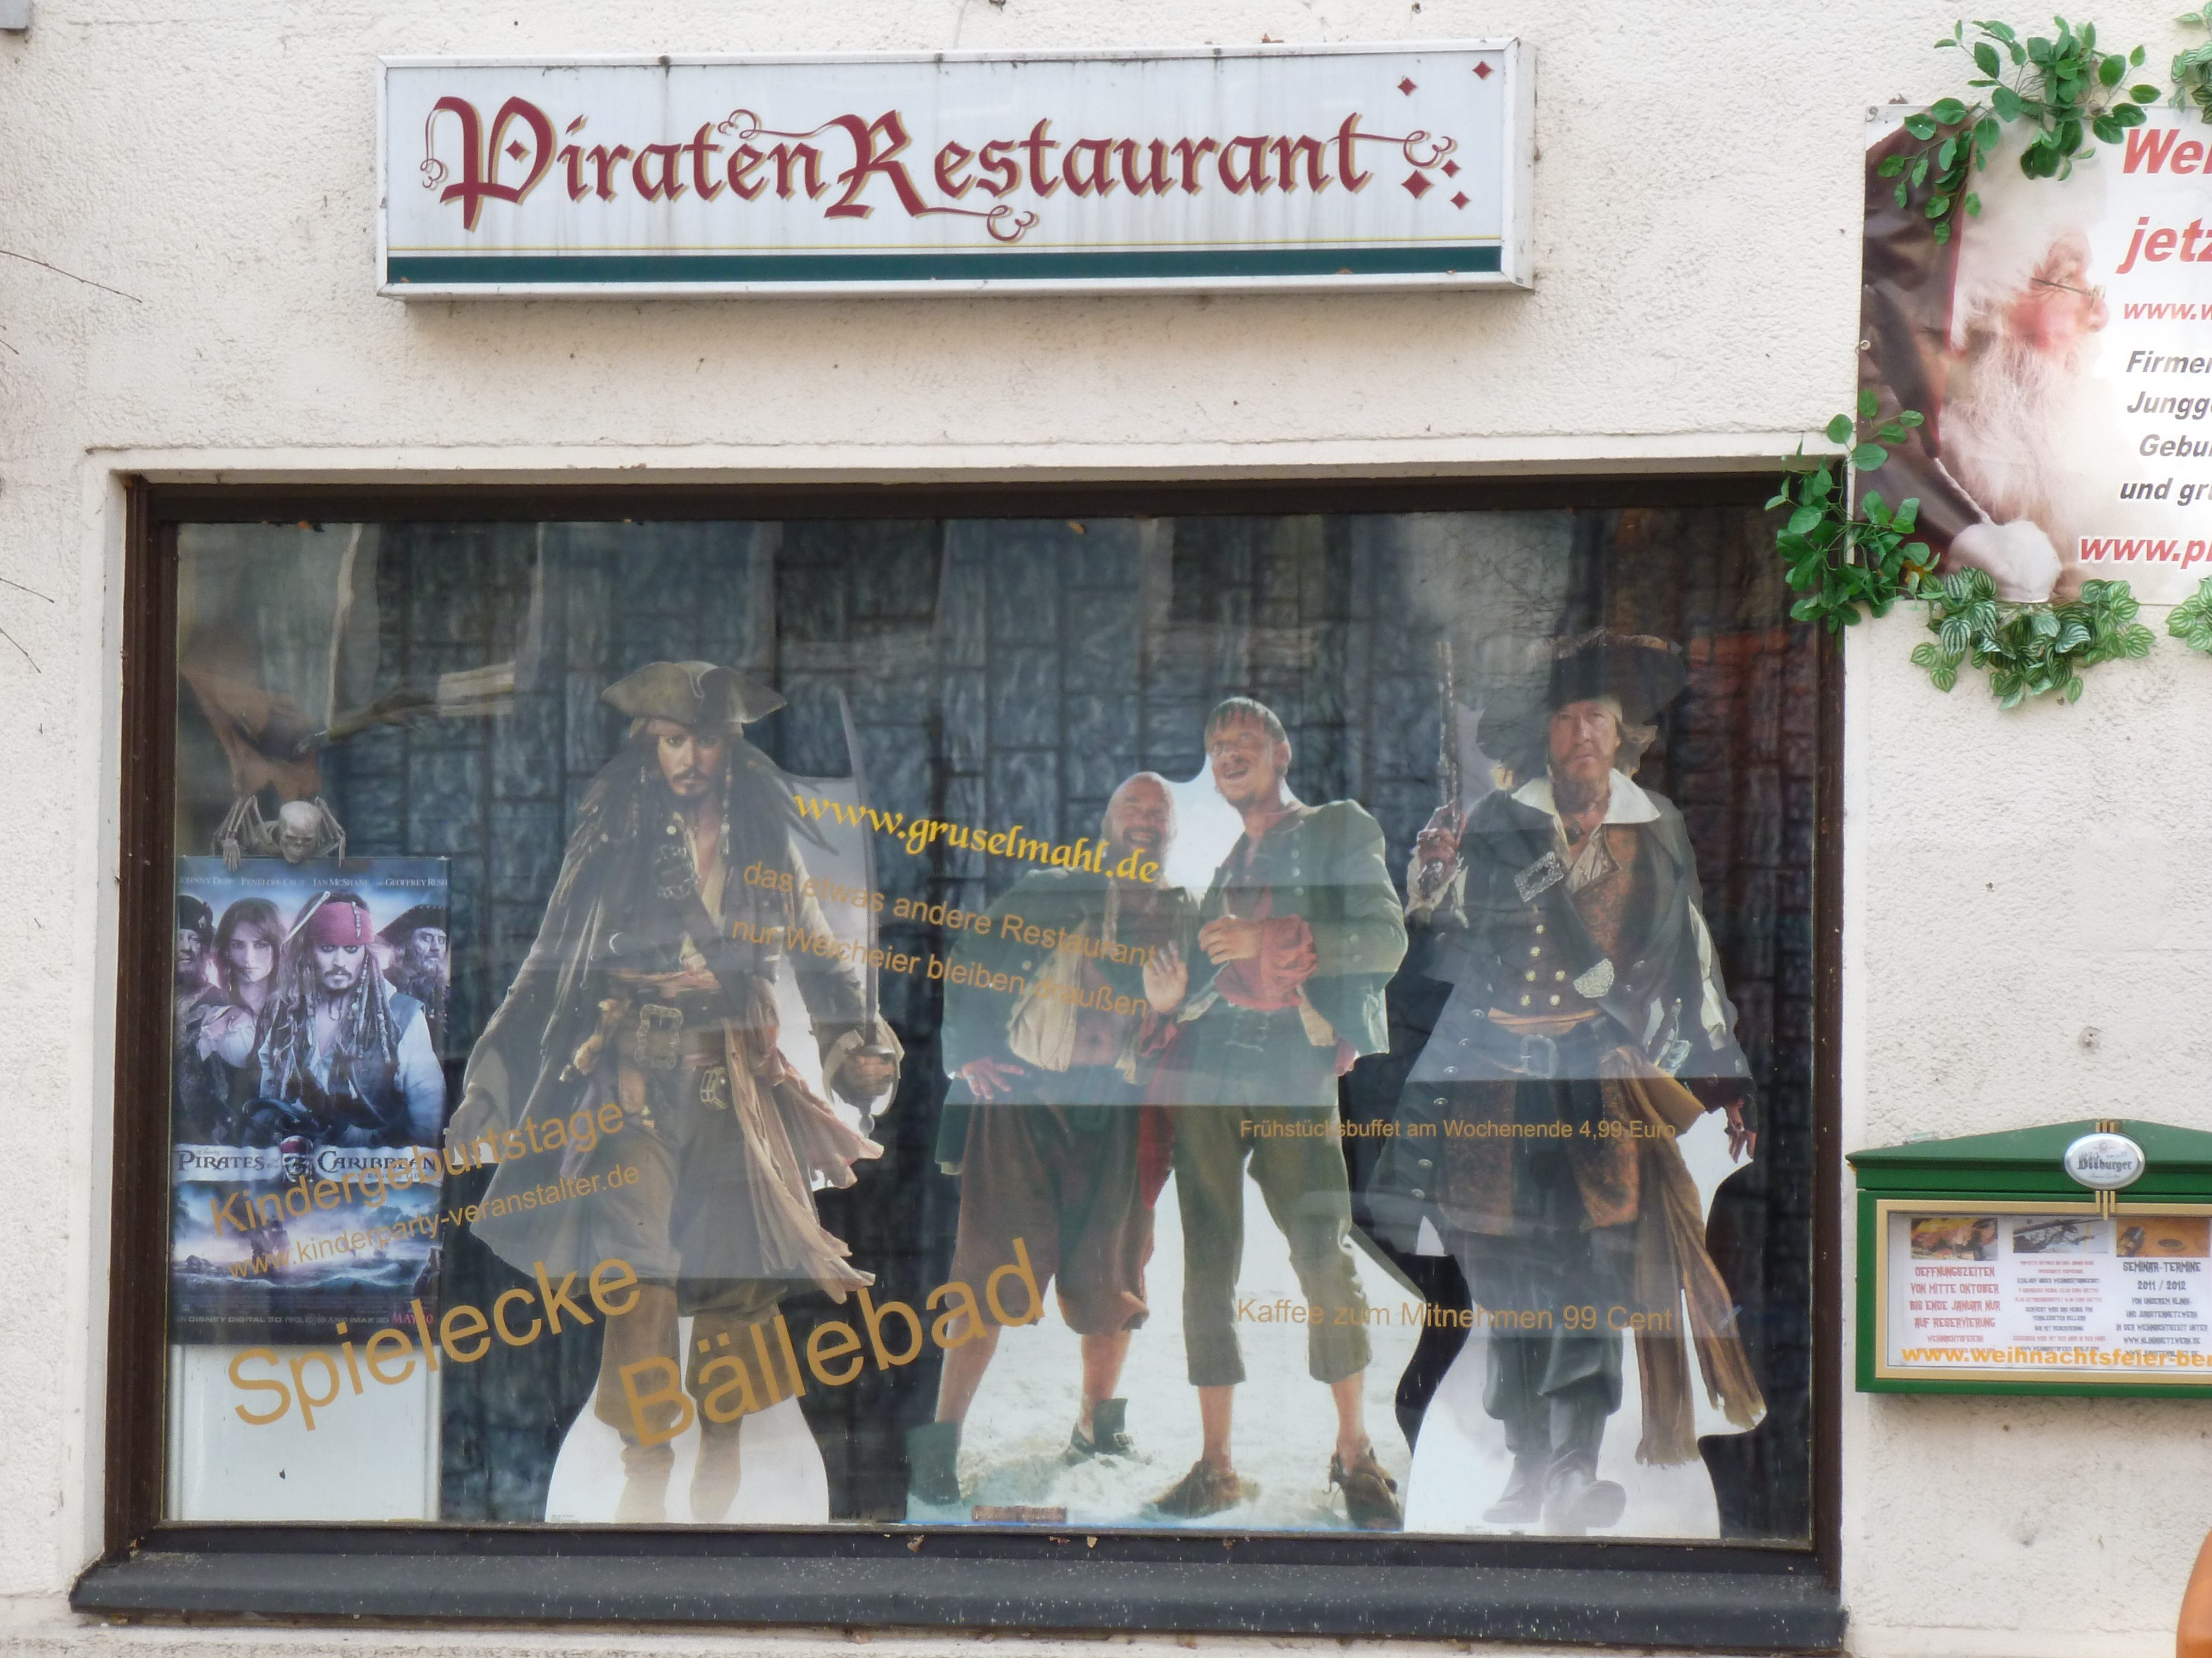 Das Piratenrestaurant - von außen nicht halb so verrückt wie innen